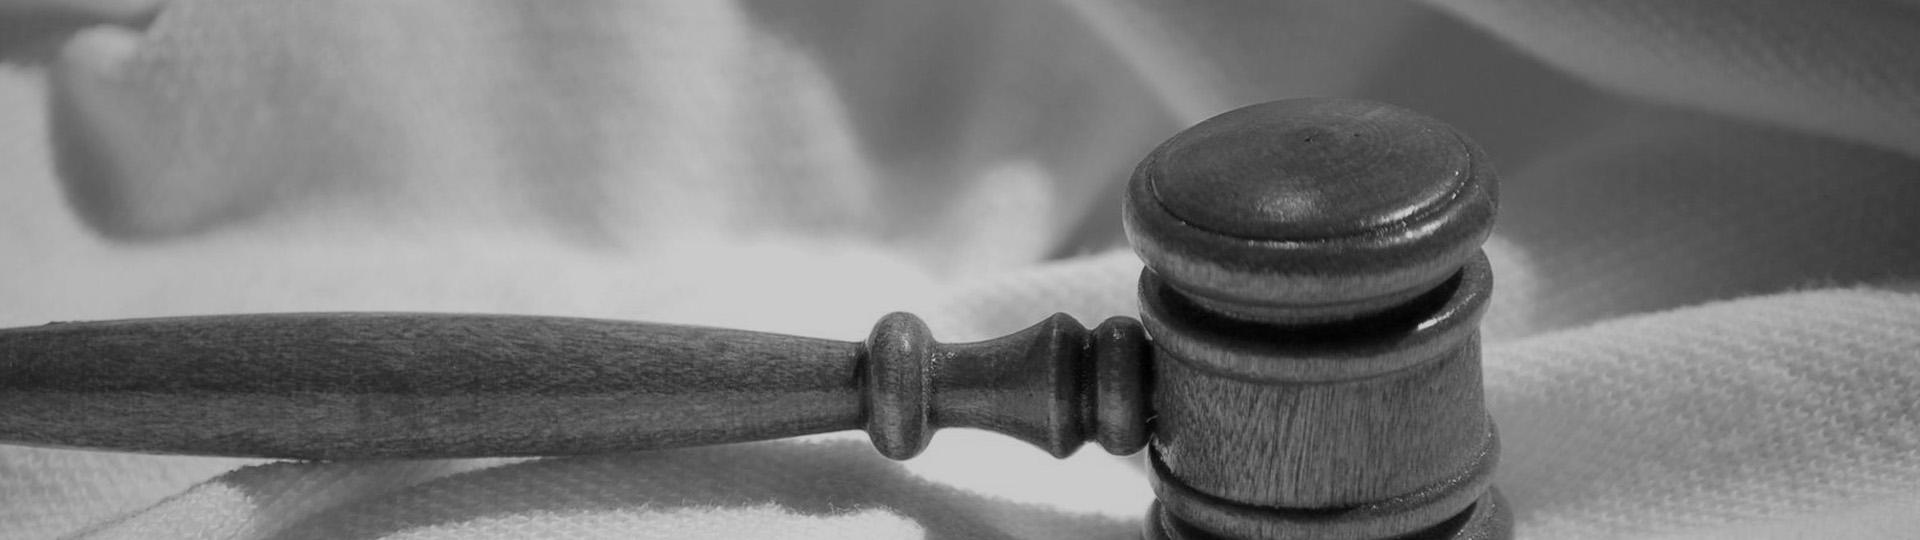 Maillet marteau du juge Juris Affaires -JurisAffaires